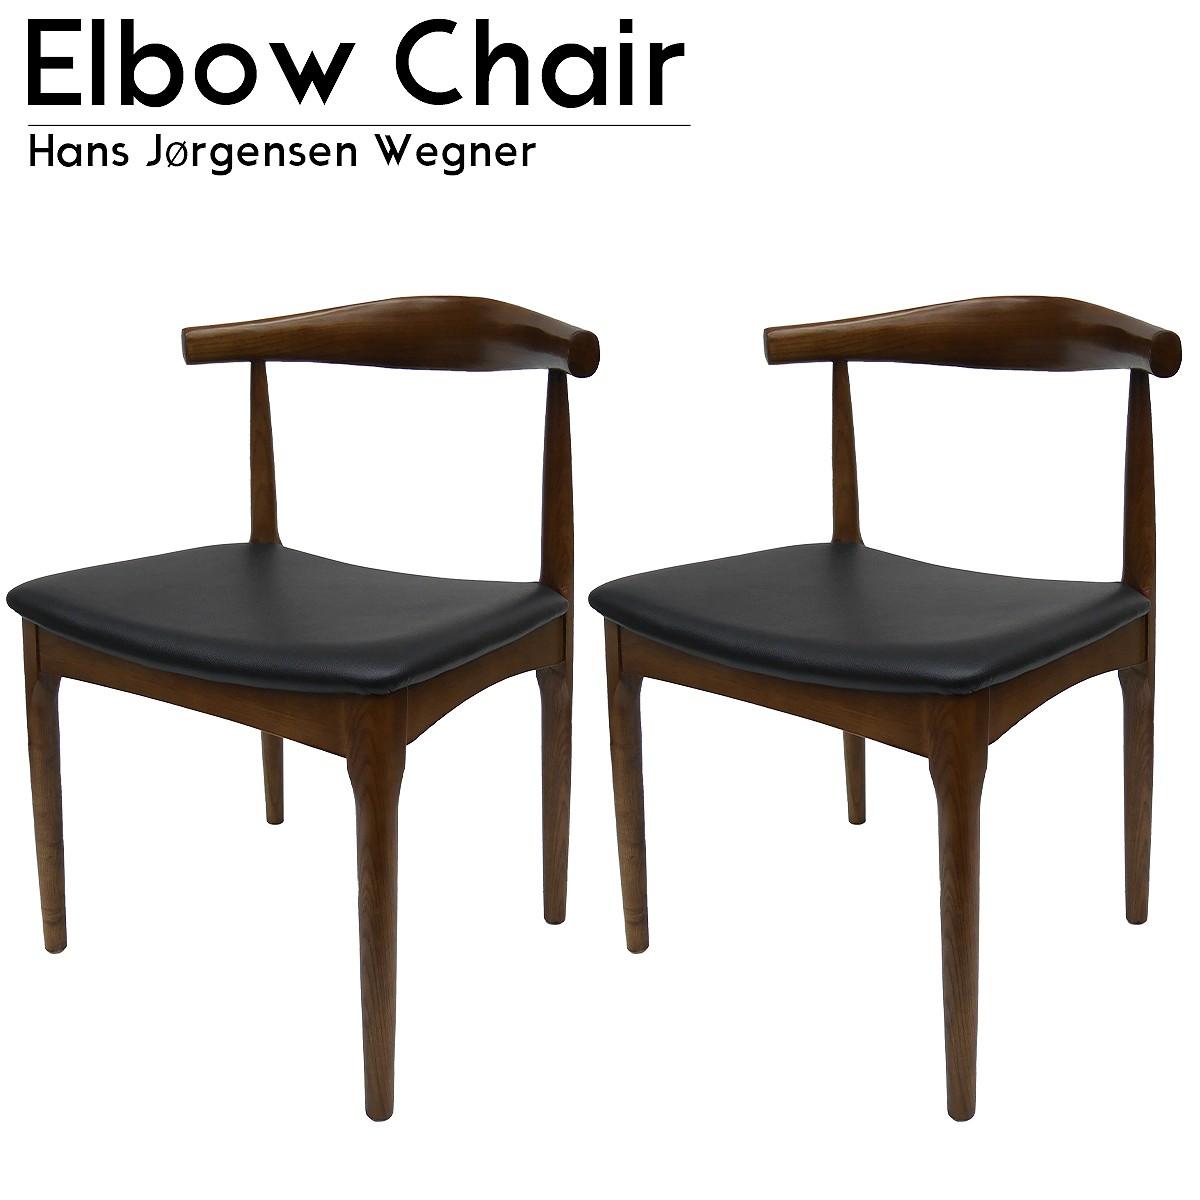 【売り切れ御免!エントリーで最大P14倍 3/20(金)20:00~3/28(土)1:59まで】北欧ダイニングチェア ハンス・J・ウェグナー ハンス ウェグナー エルボチェア スクエア Elbow Chair 椅子木製 2脚set ダークブラウン P-16